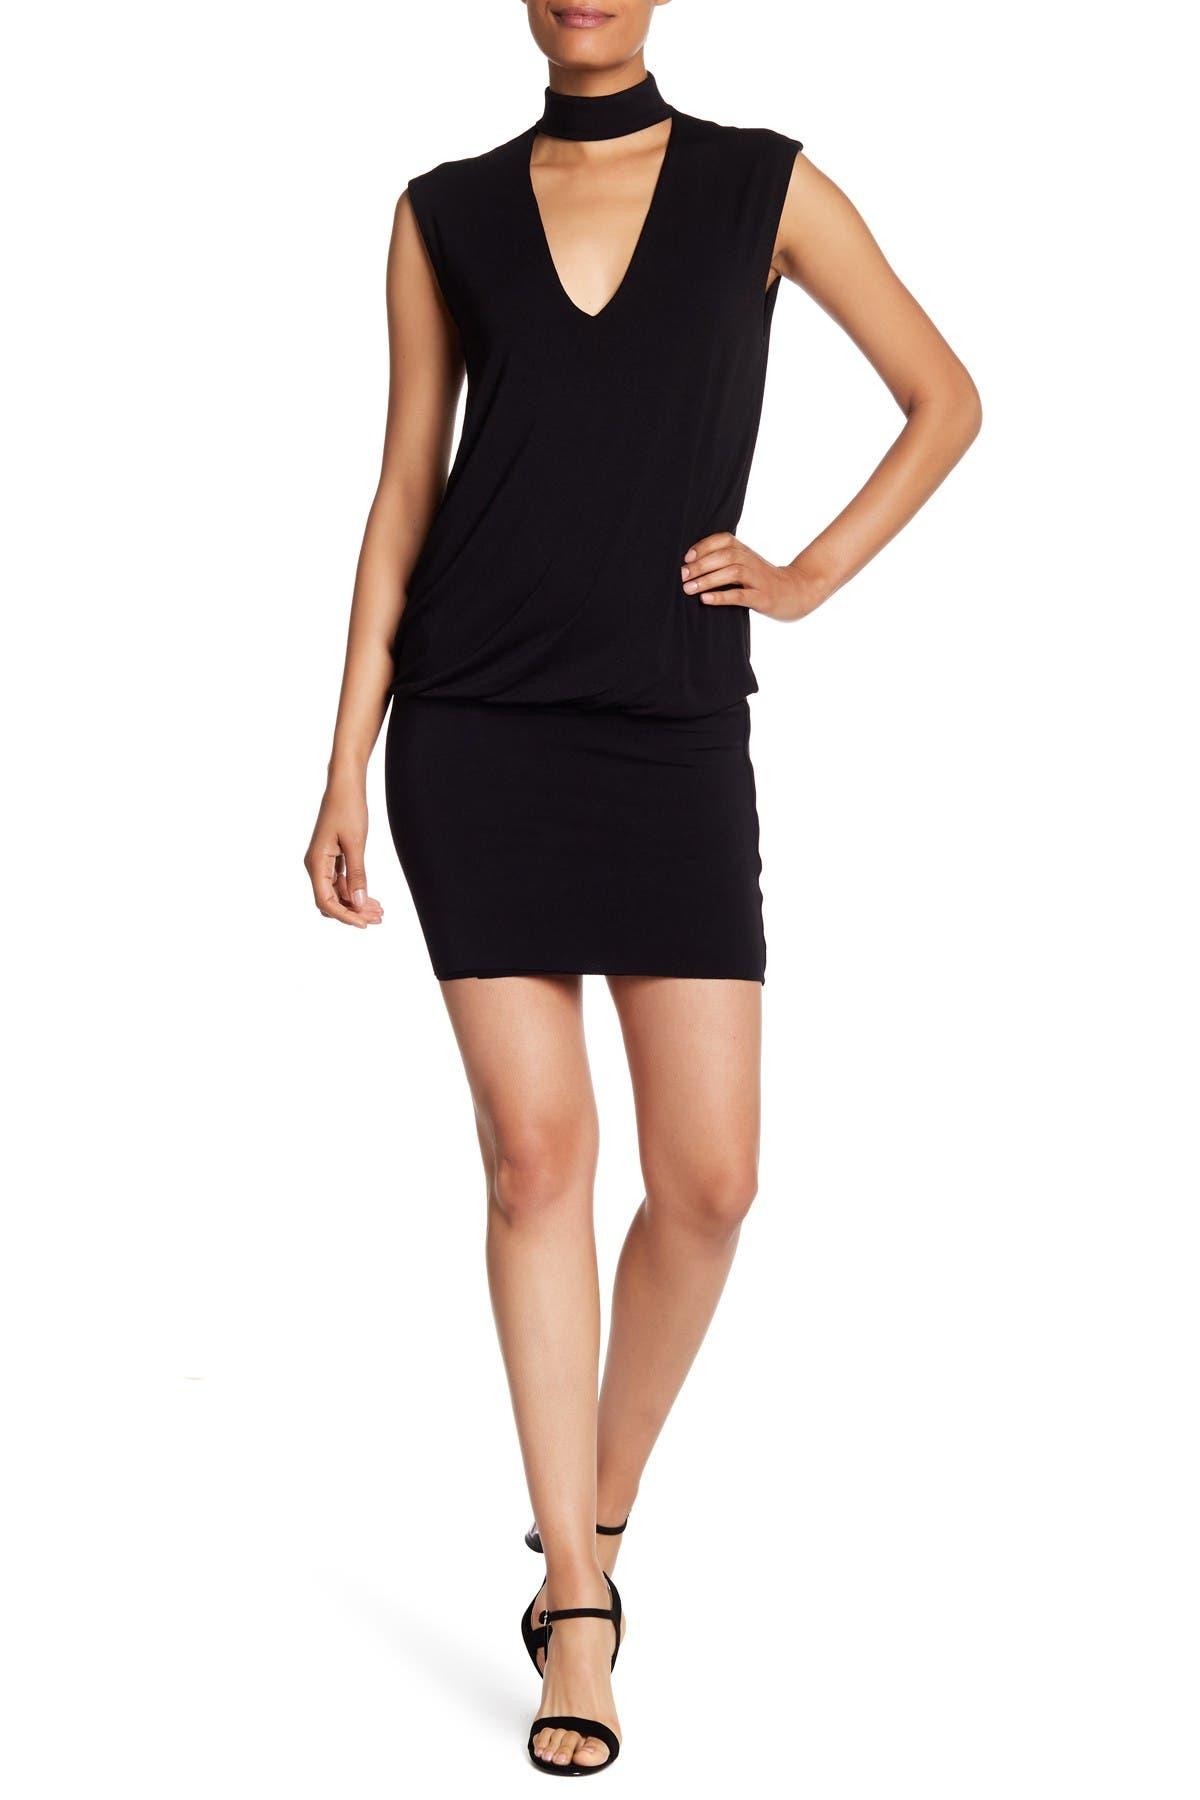 Image of Bailey 44 Mock Neck V-Cutout Jersey Dress